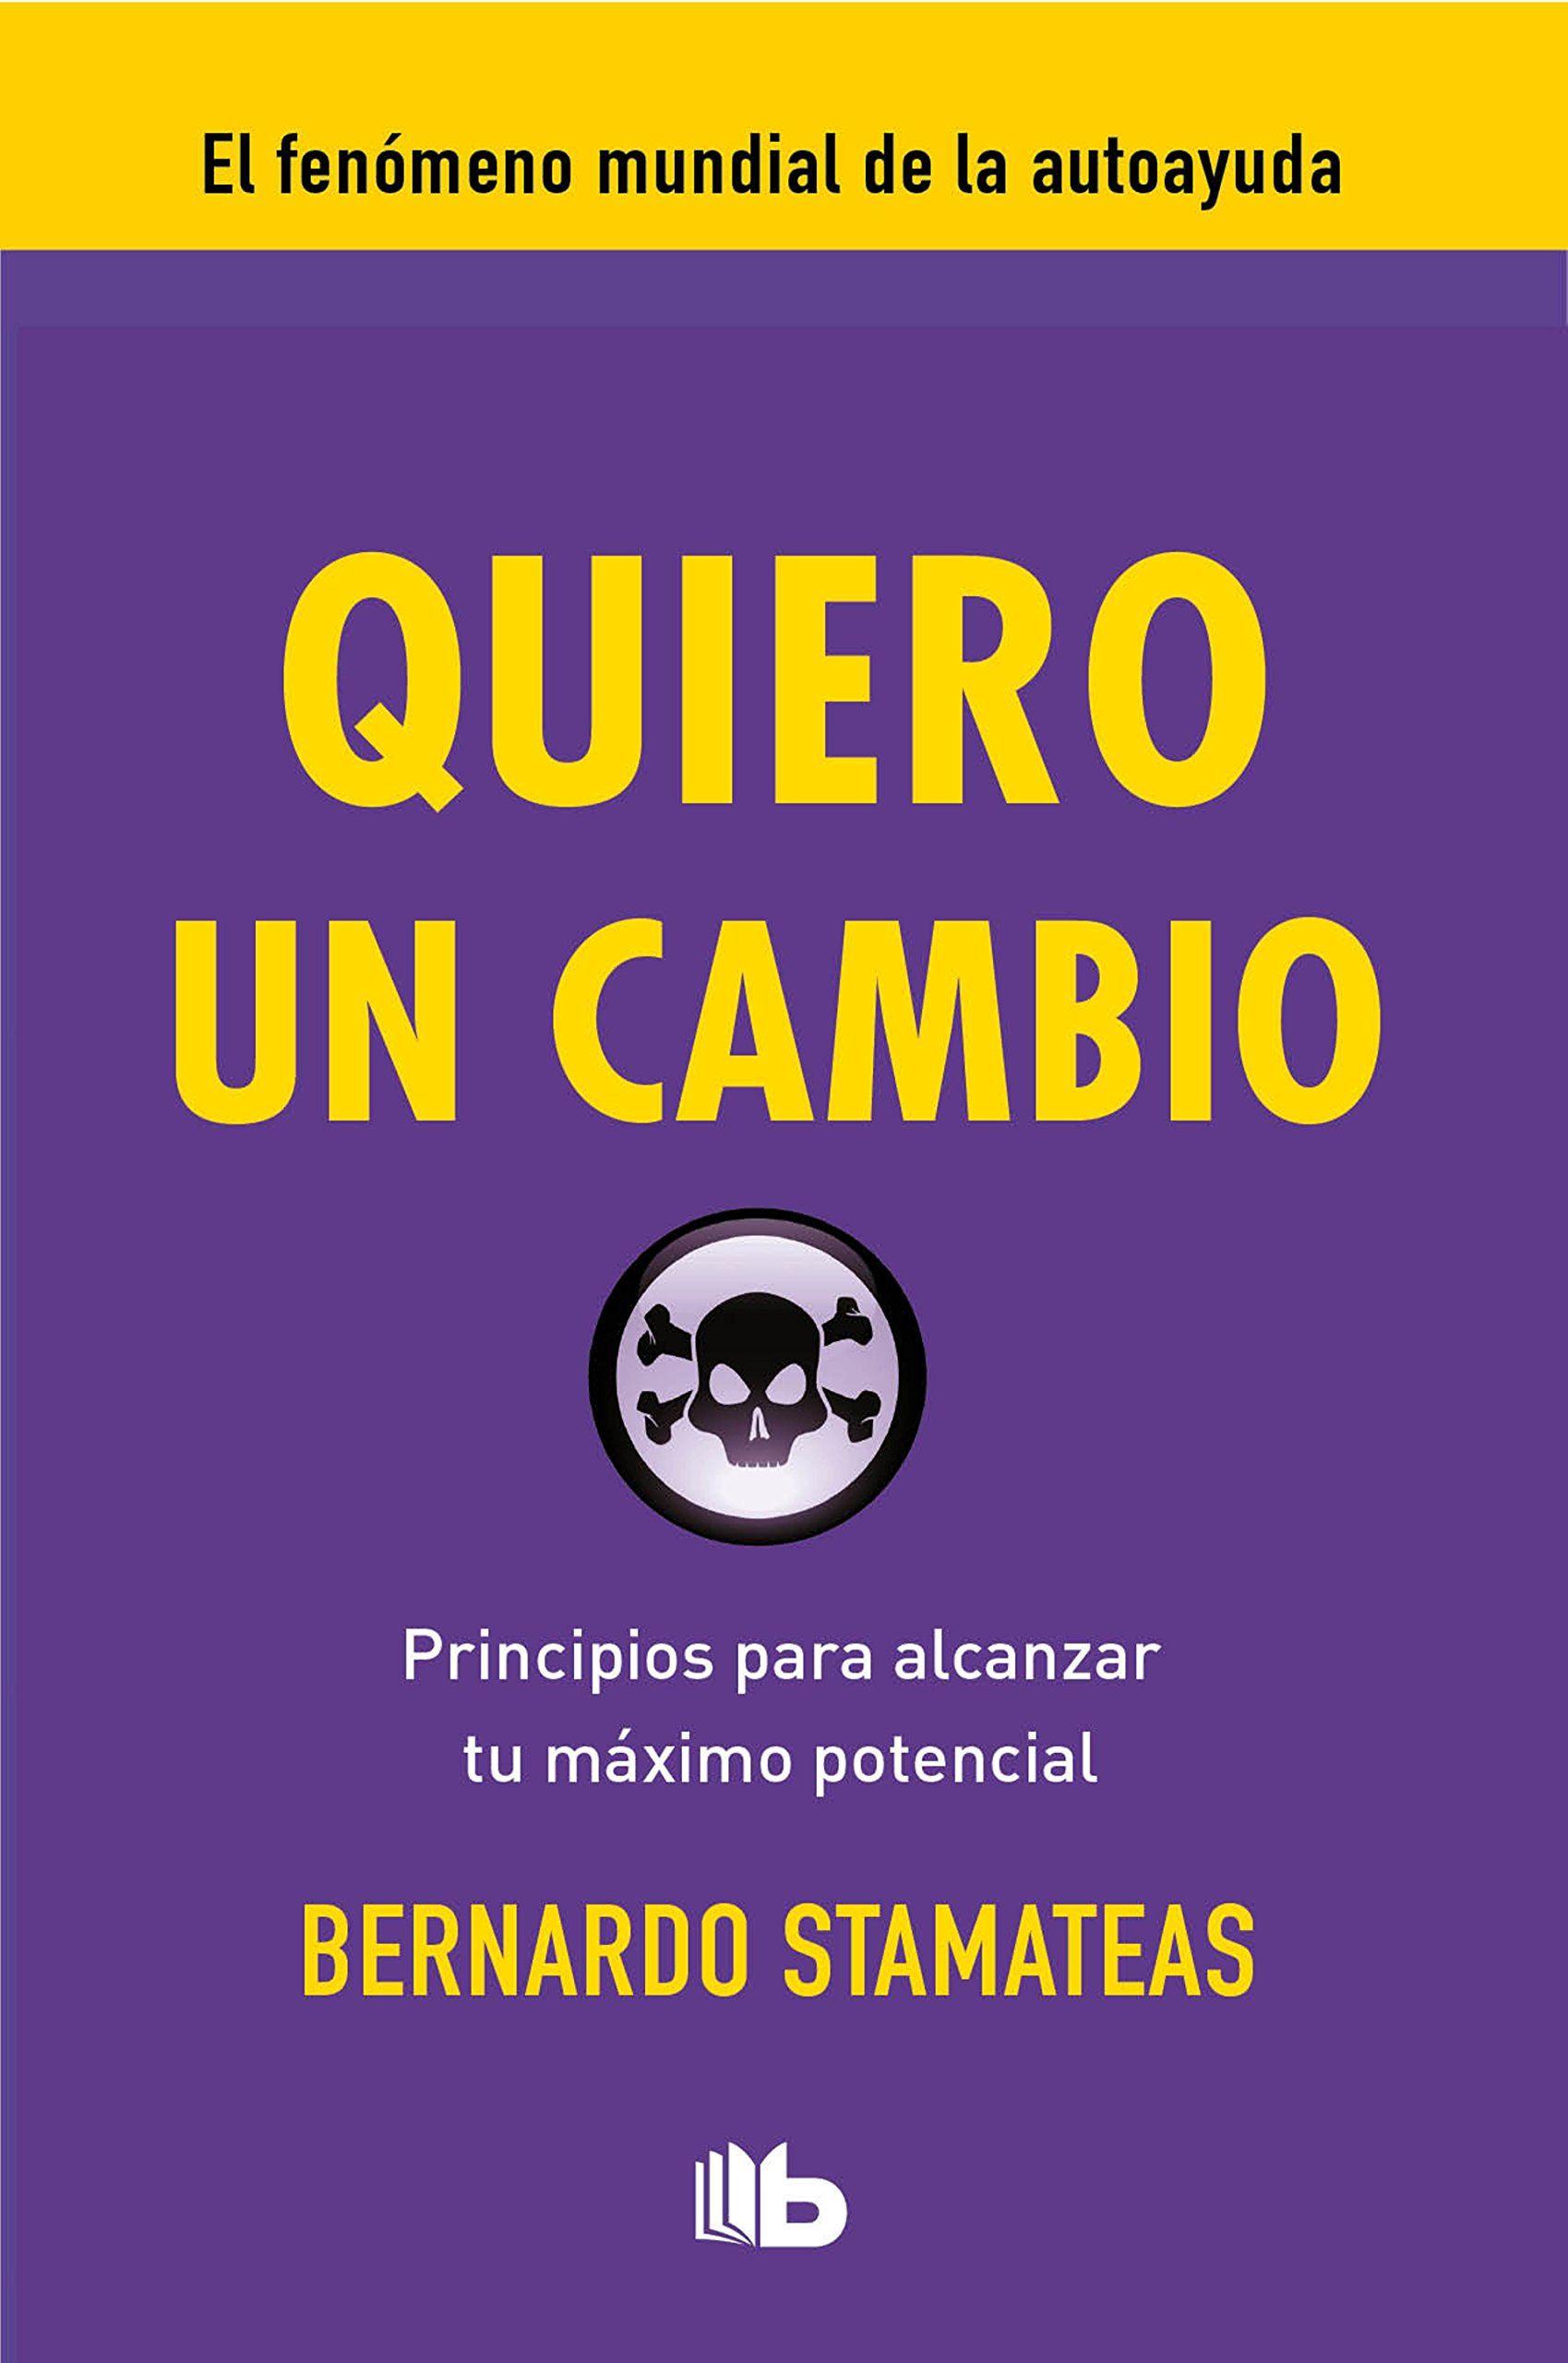 Bernardo stamateas portadas de libros desarrollo personal nuevas ideas libros recomendados autoayuda cambio quiero maravilla